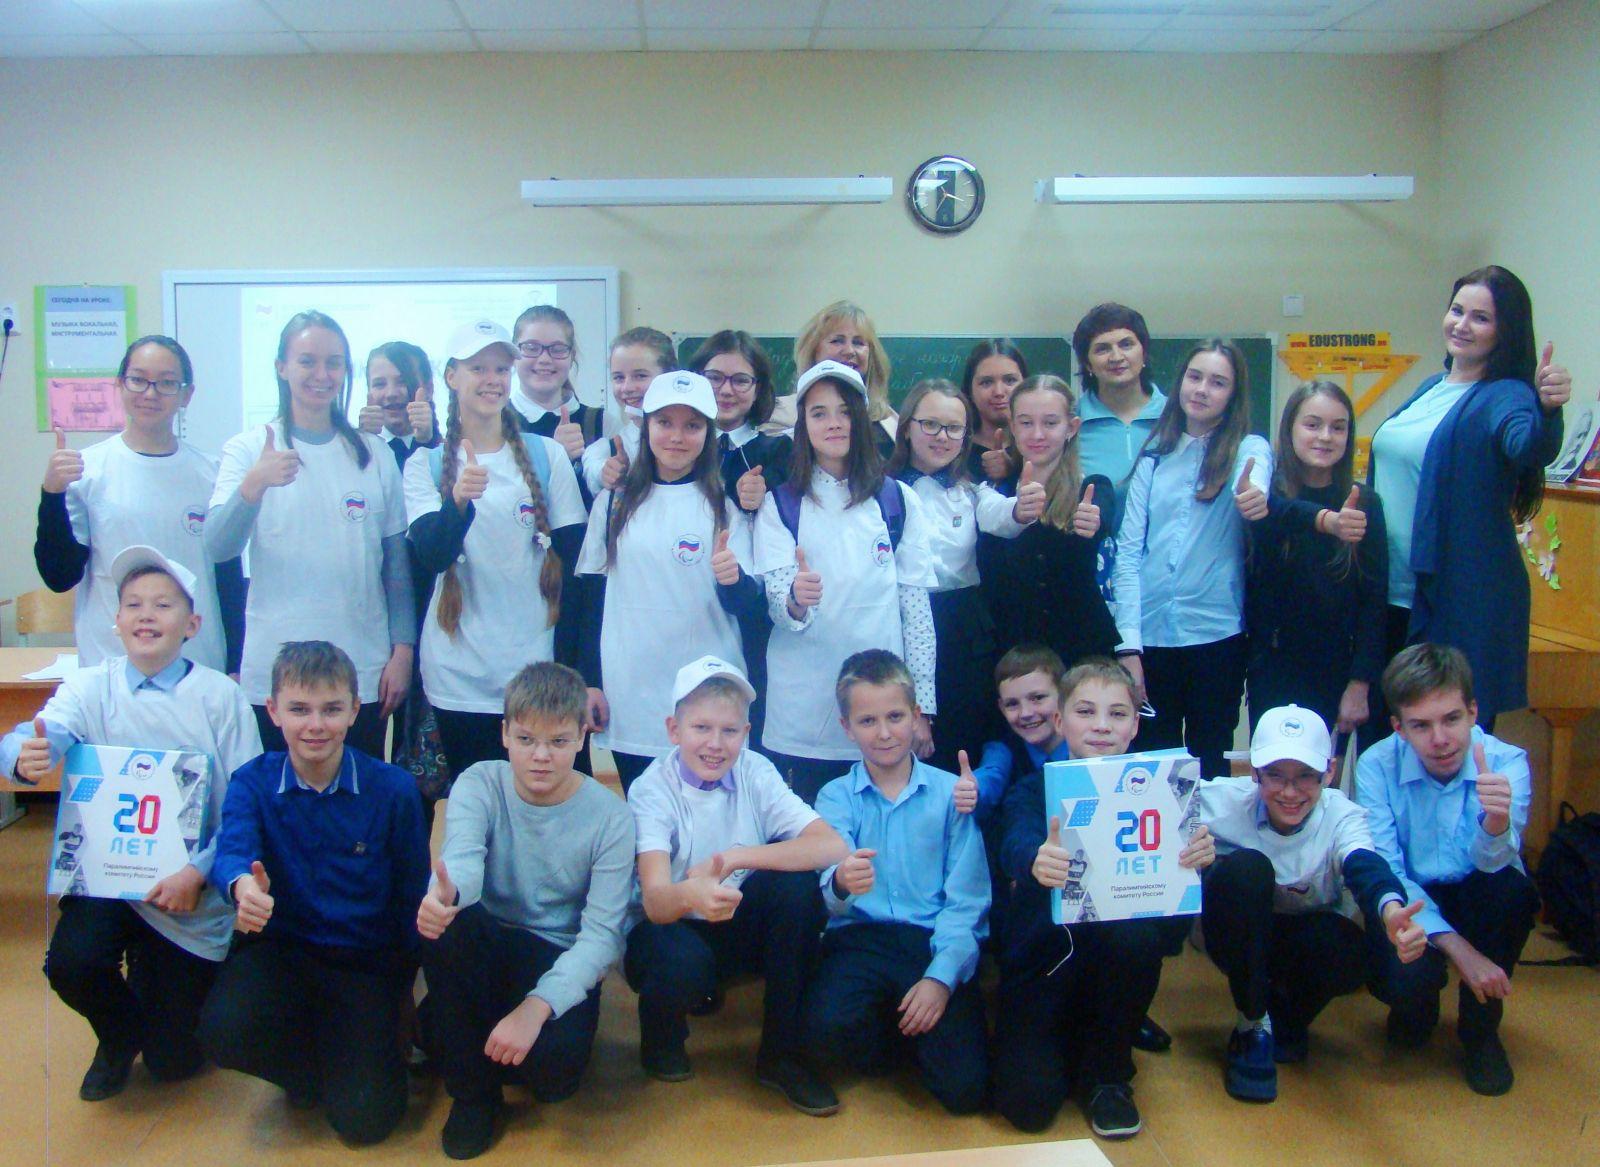 В г. Югорске (ХМАО-Югра) в рамках спортивно-образовательных проектов ПКР прошел «Паралимпийский урок»